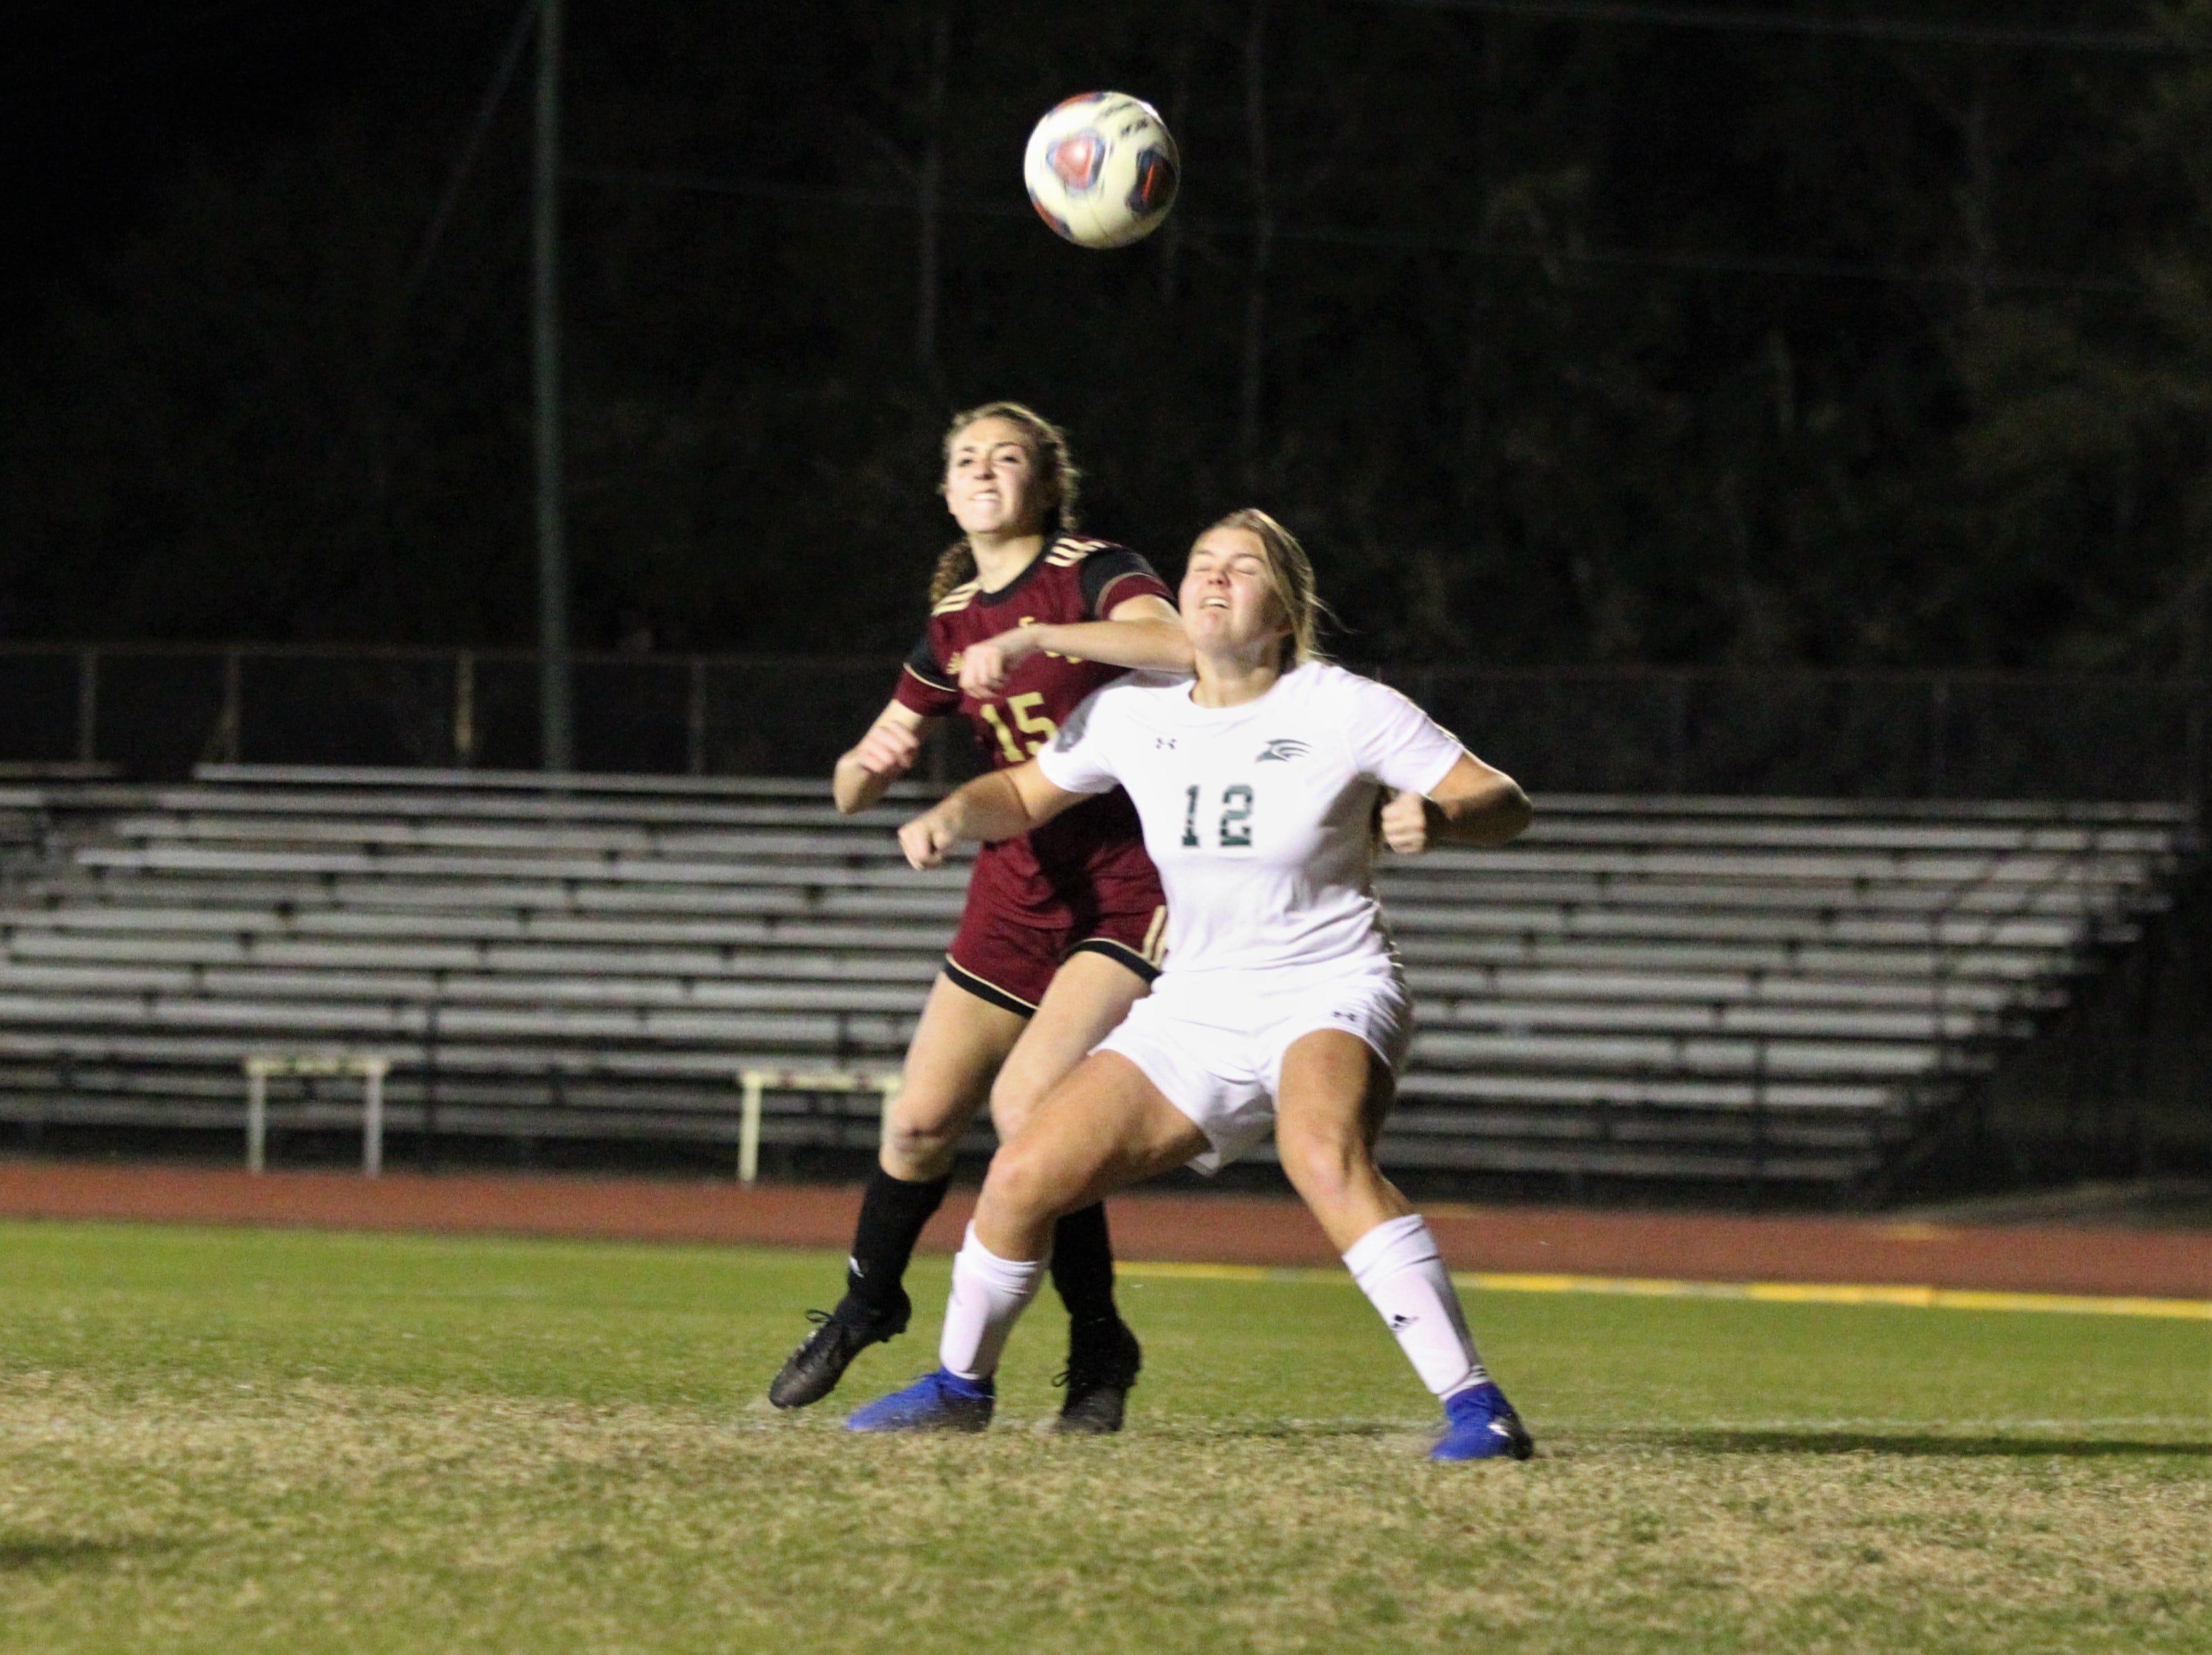 Florida High's Lauren Kreis battles to win an air ball in the box as South Walton edged the Seminoles 5-4 in a penalty-kick shootout during a Region 1-2A semifinal on Feb. 8, 2019.